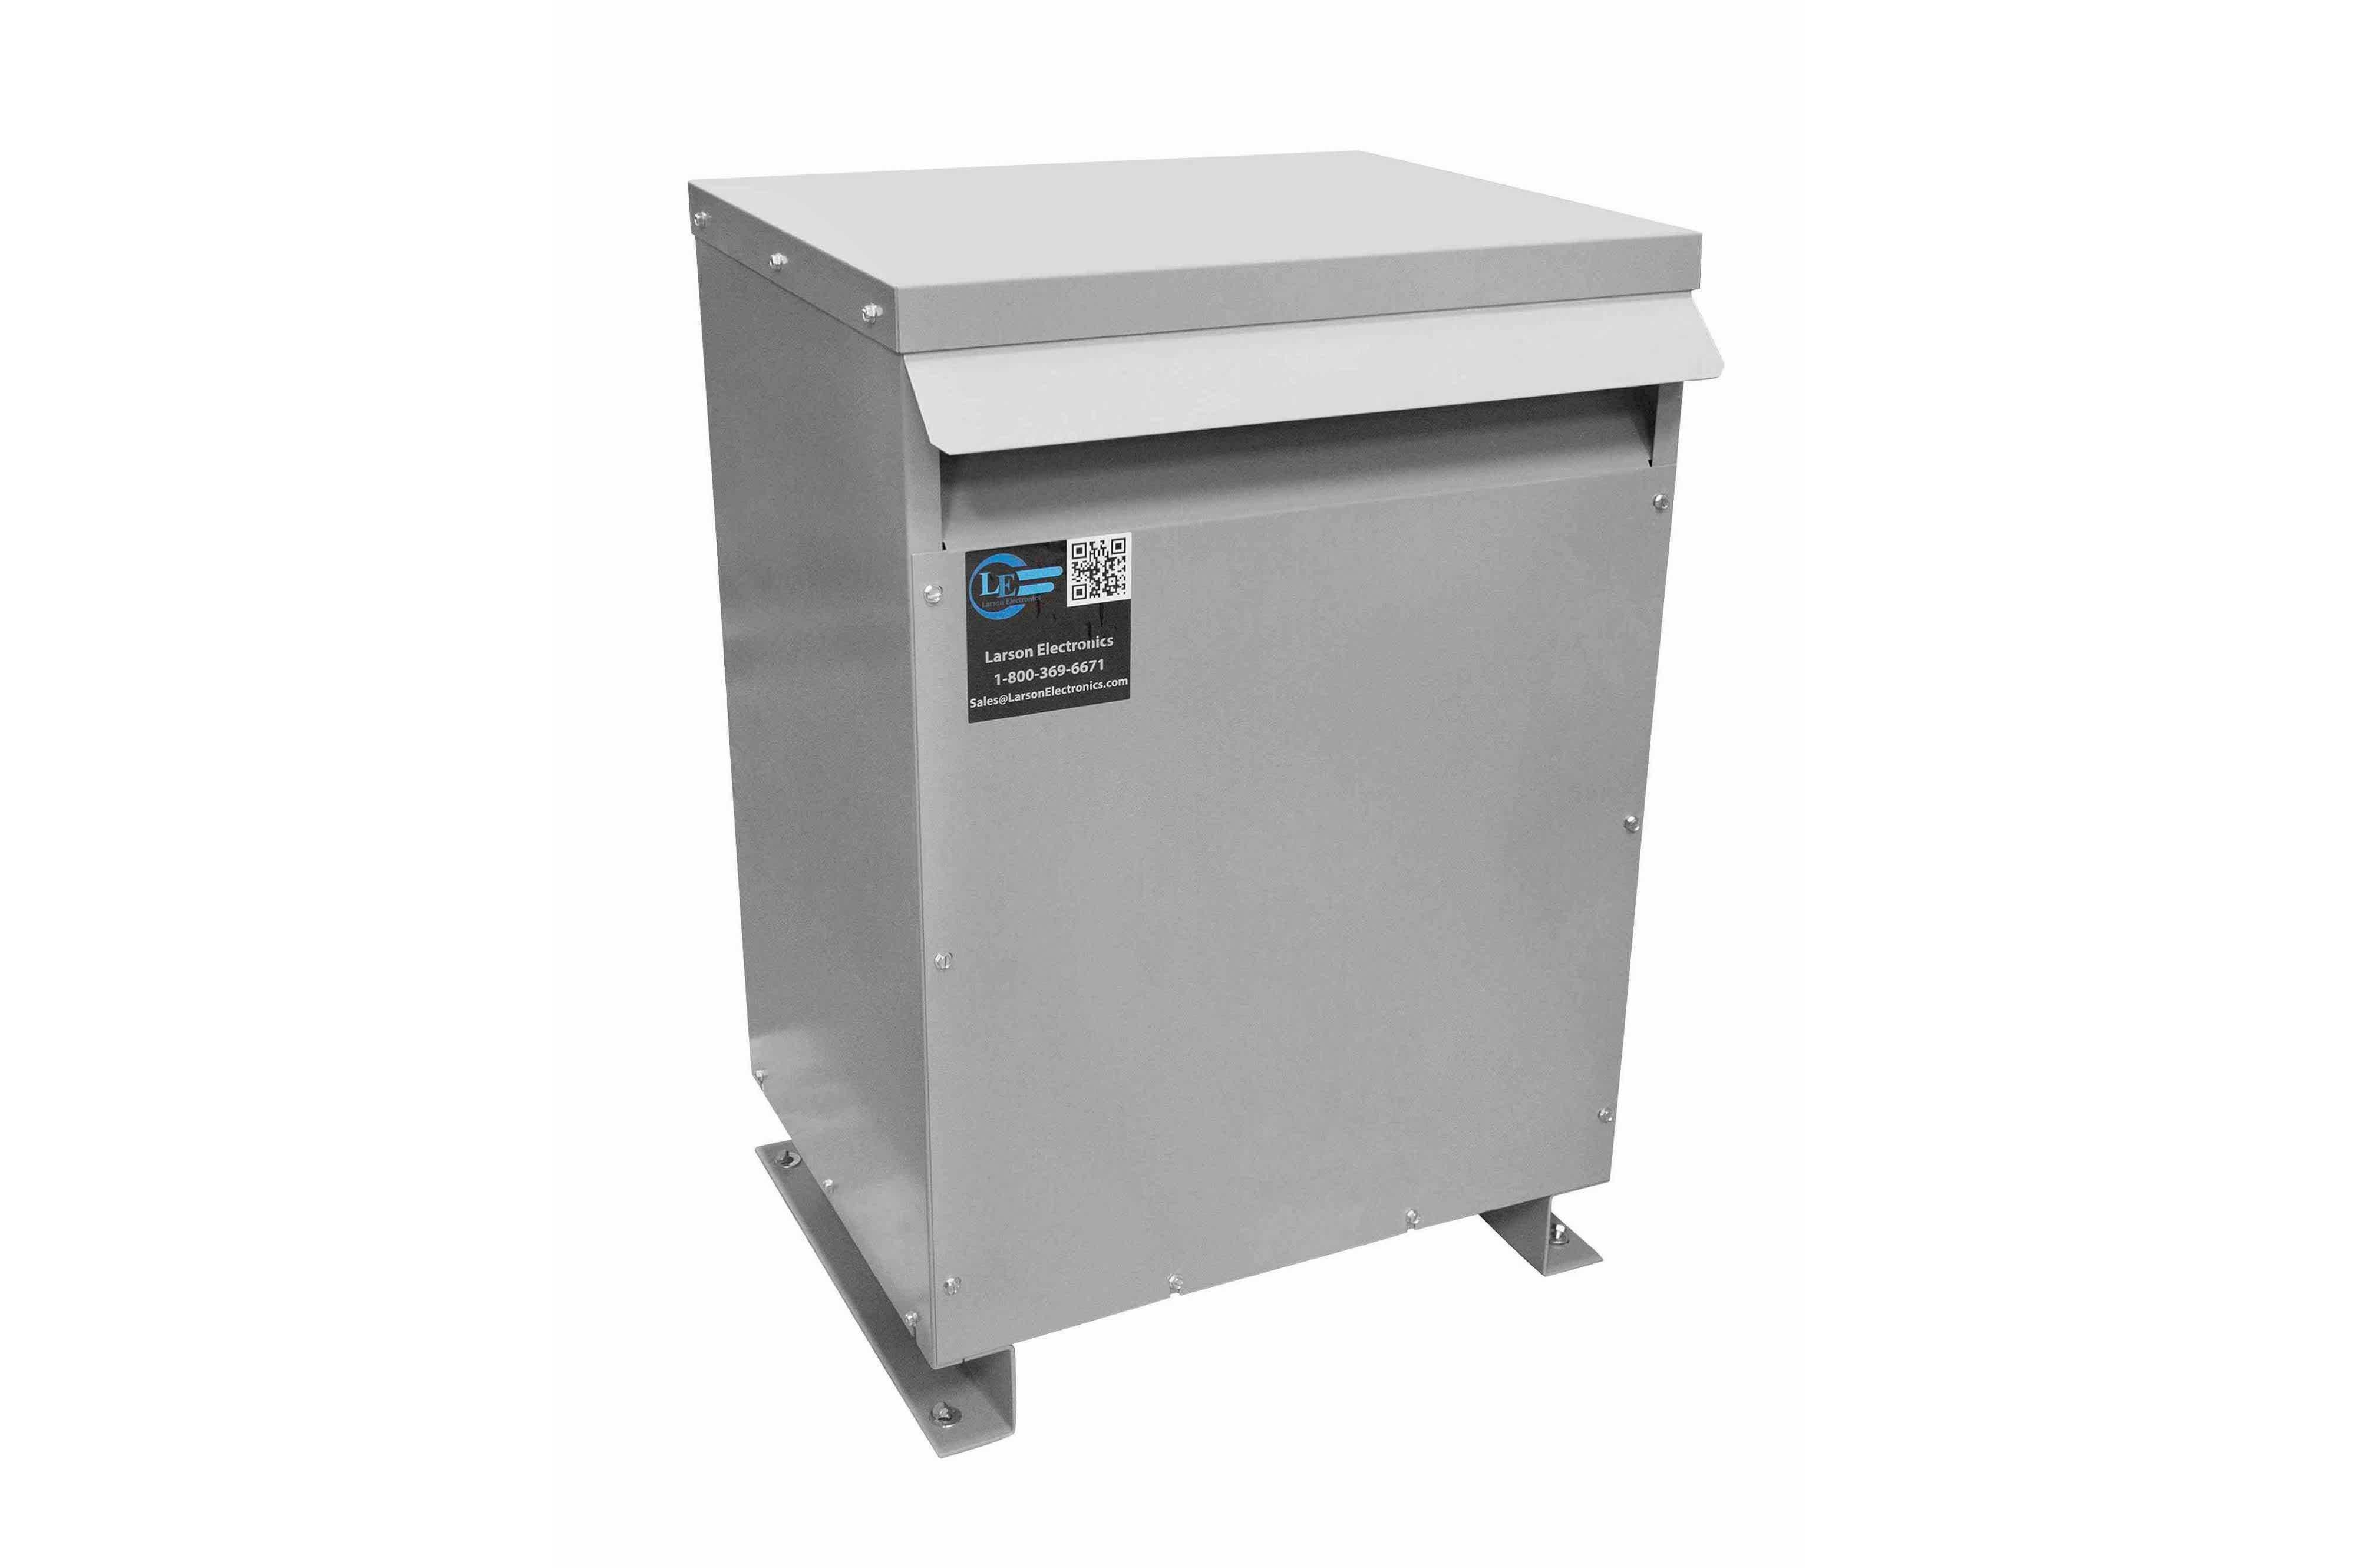 50 kVA 3PH Isolation Transformer, 240V Delta Primary, 415V Delta Secondary, N3R, Ventilated, 60 Hz